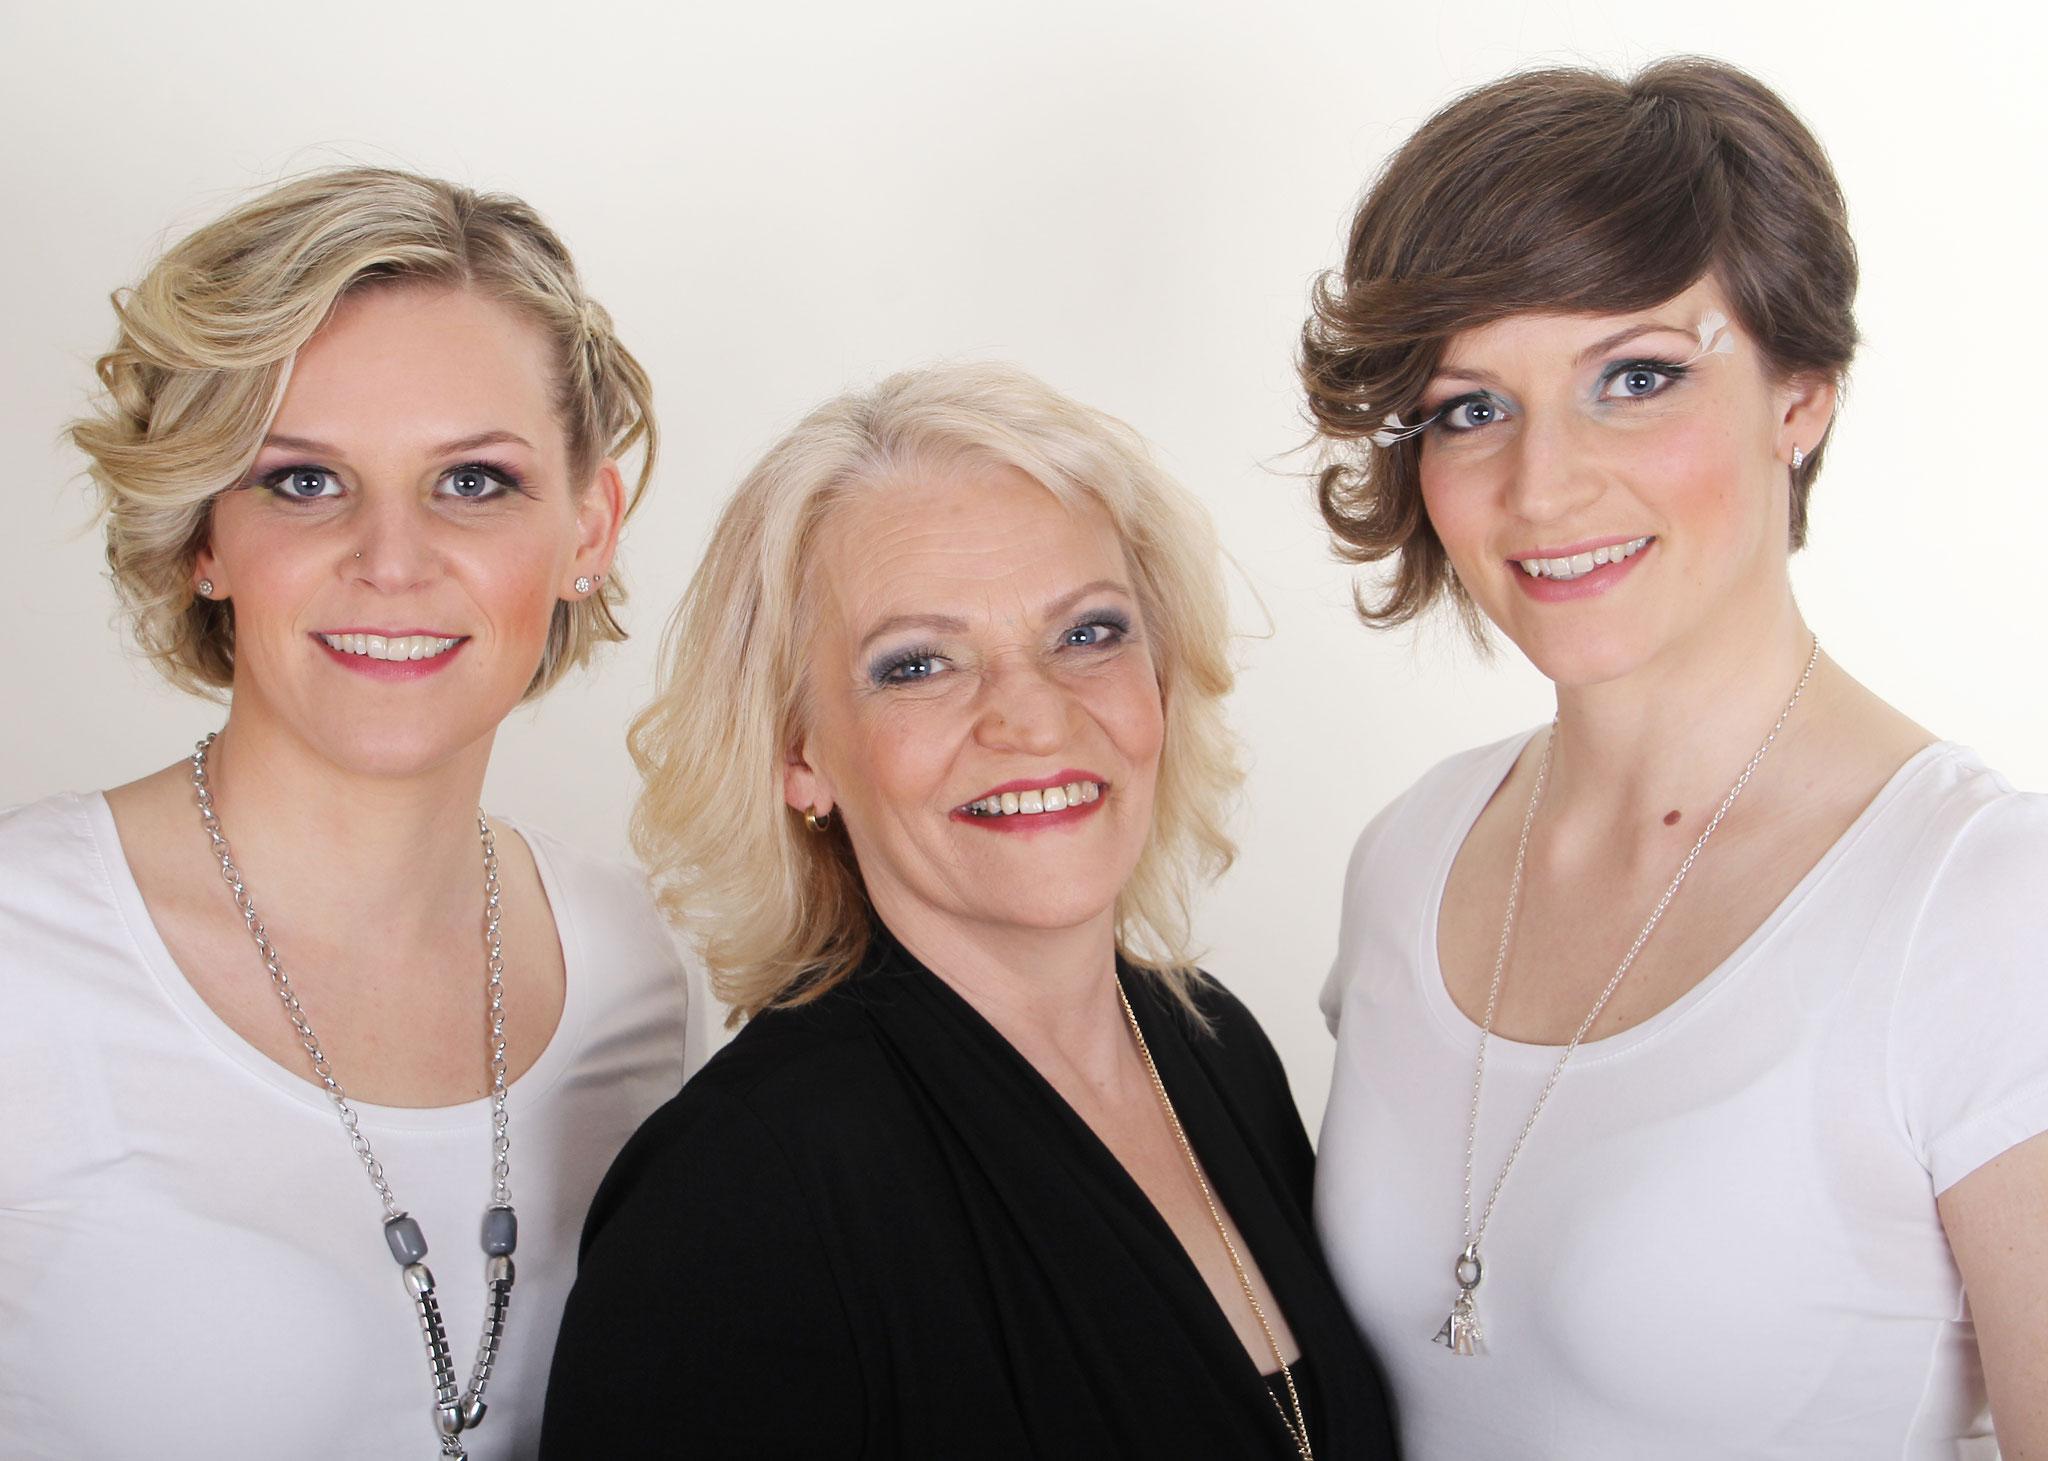 Mutter mit ihren zwei Töchtern nach einem Styling